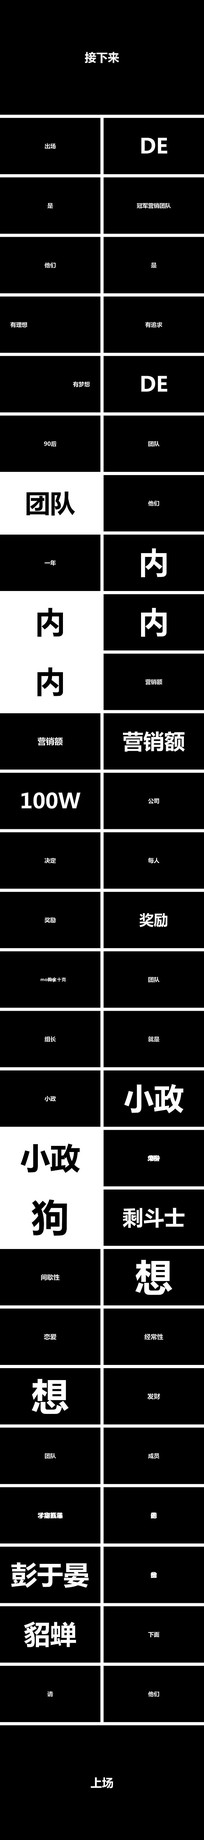 营销冠军团队颁奖年会快闪ppt